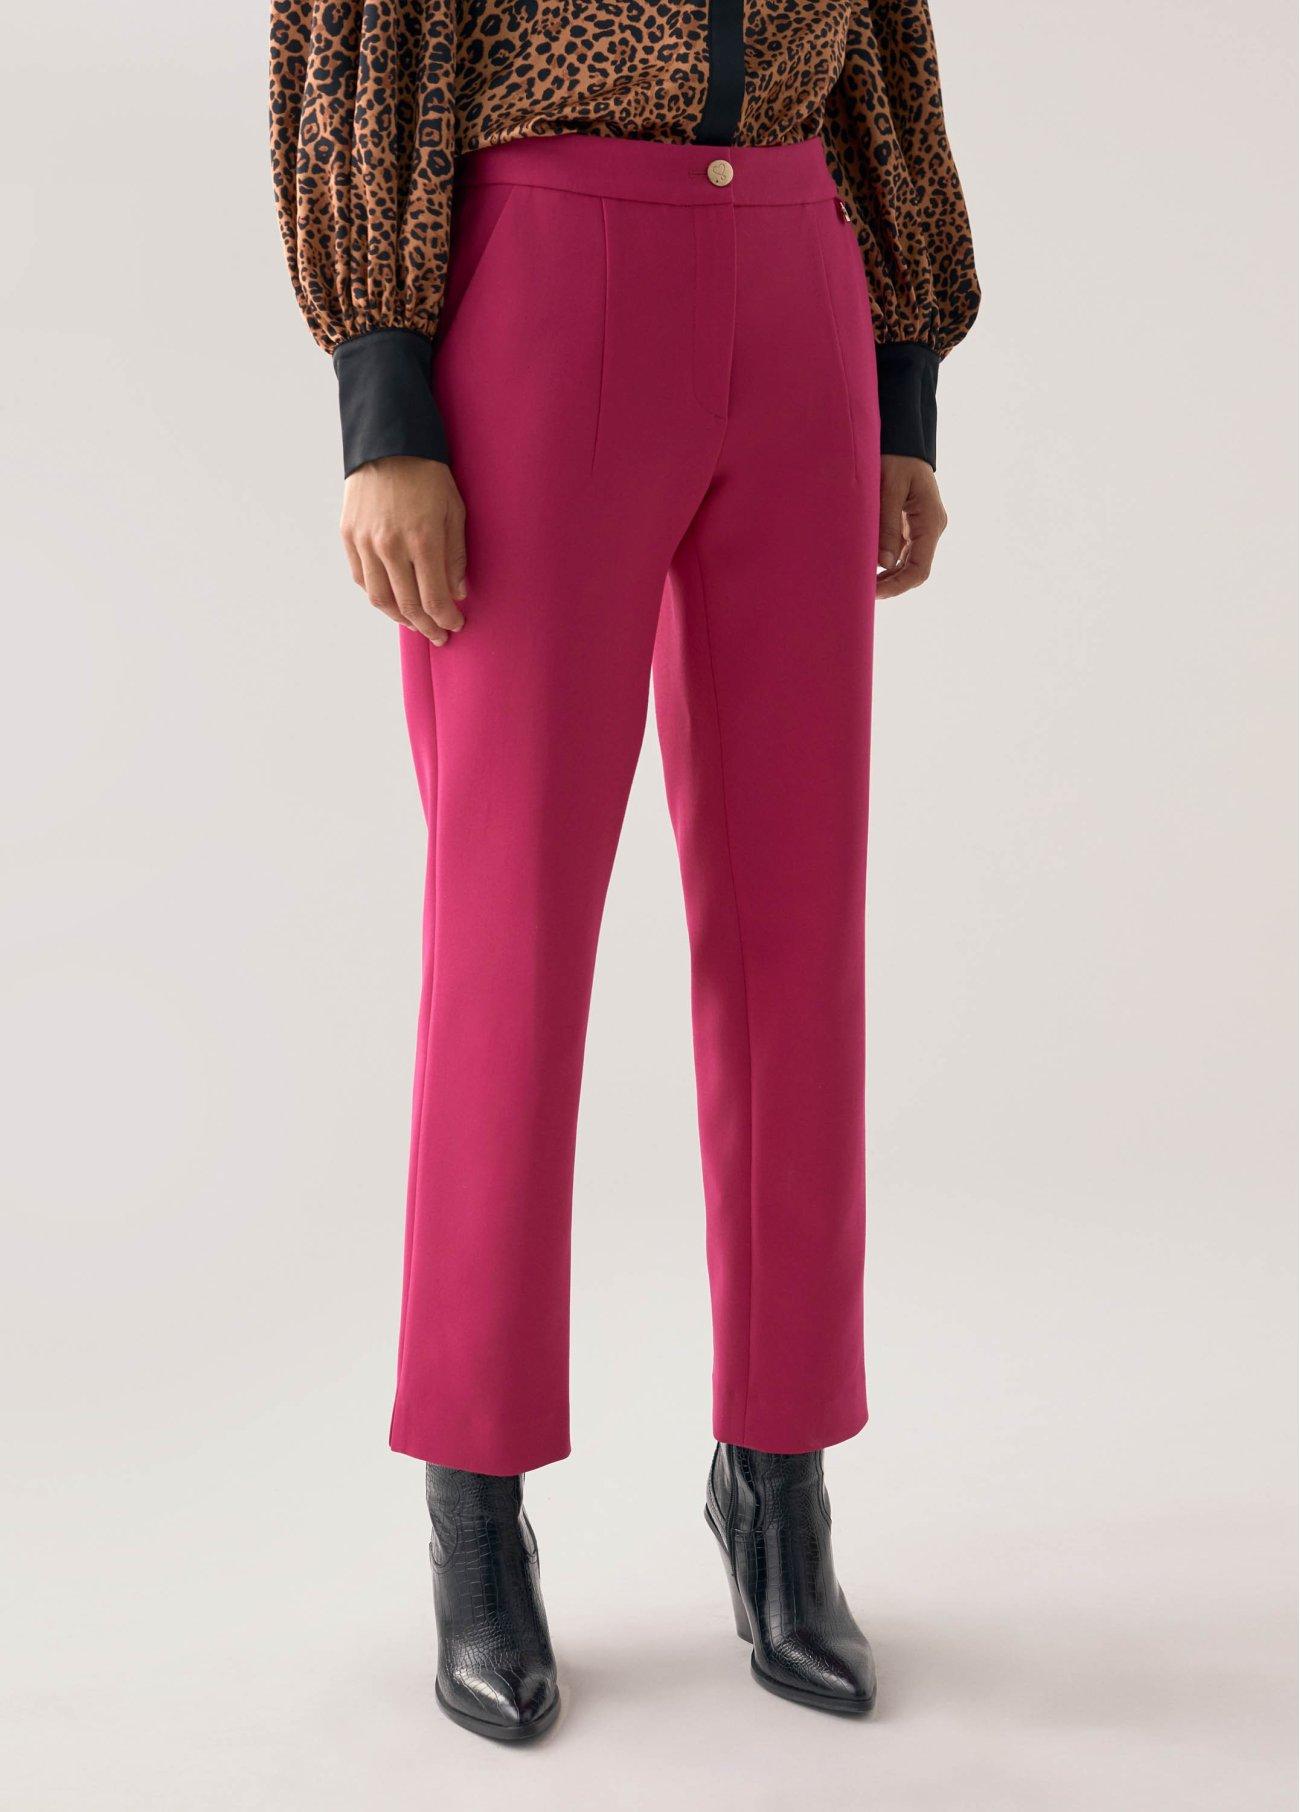 Pantalón estilo traje, fucsia 2